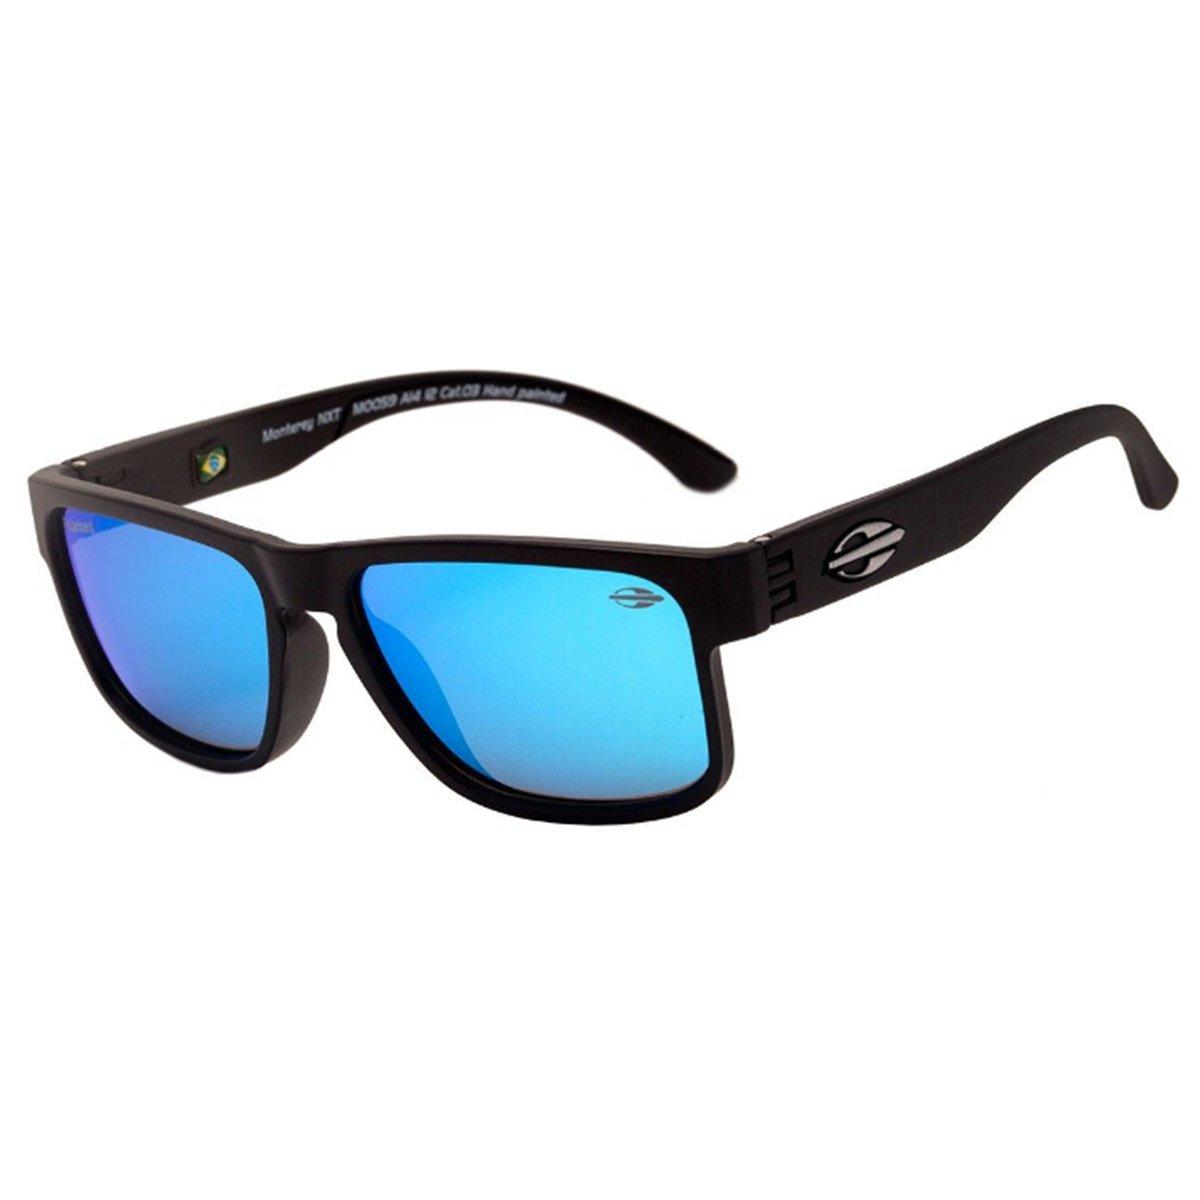 Compre Óculos de Sol Mormaii Infantil Monterey NXT em 10X   Tri-Jóia Shop 48261c1b23